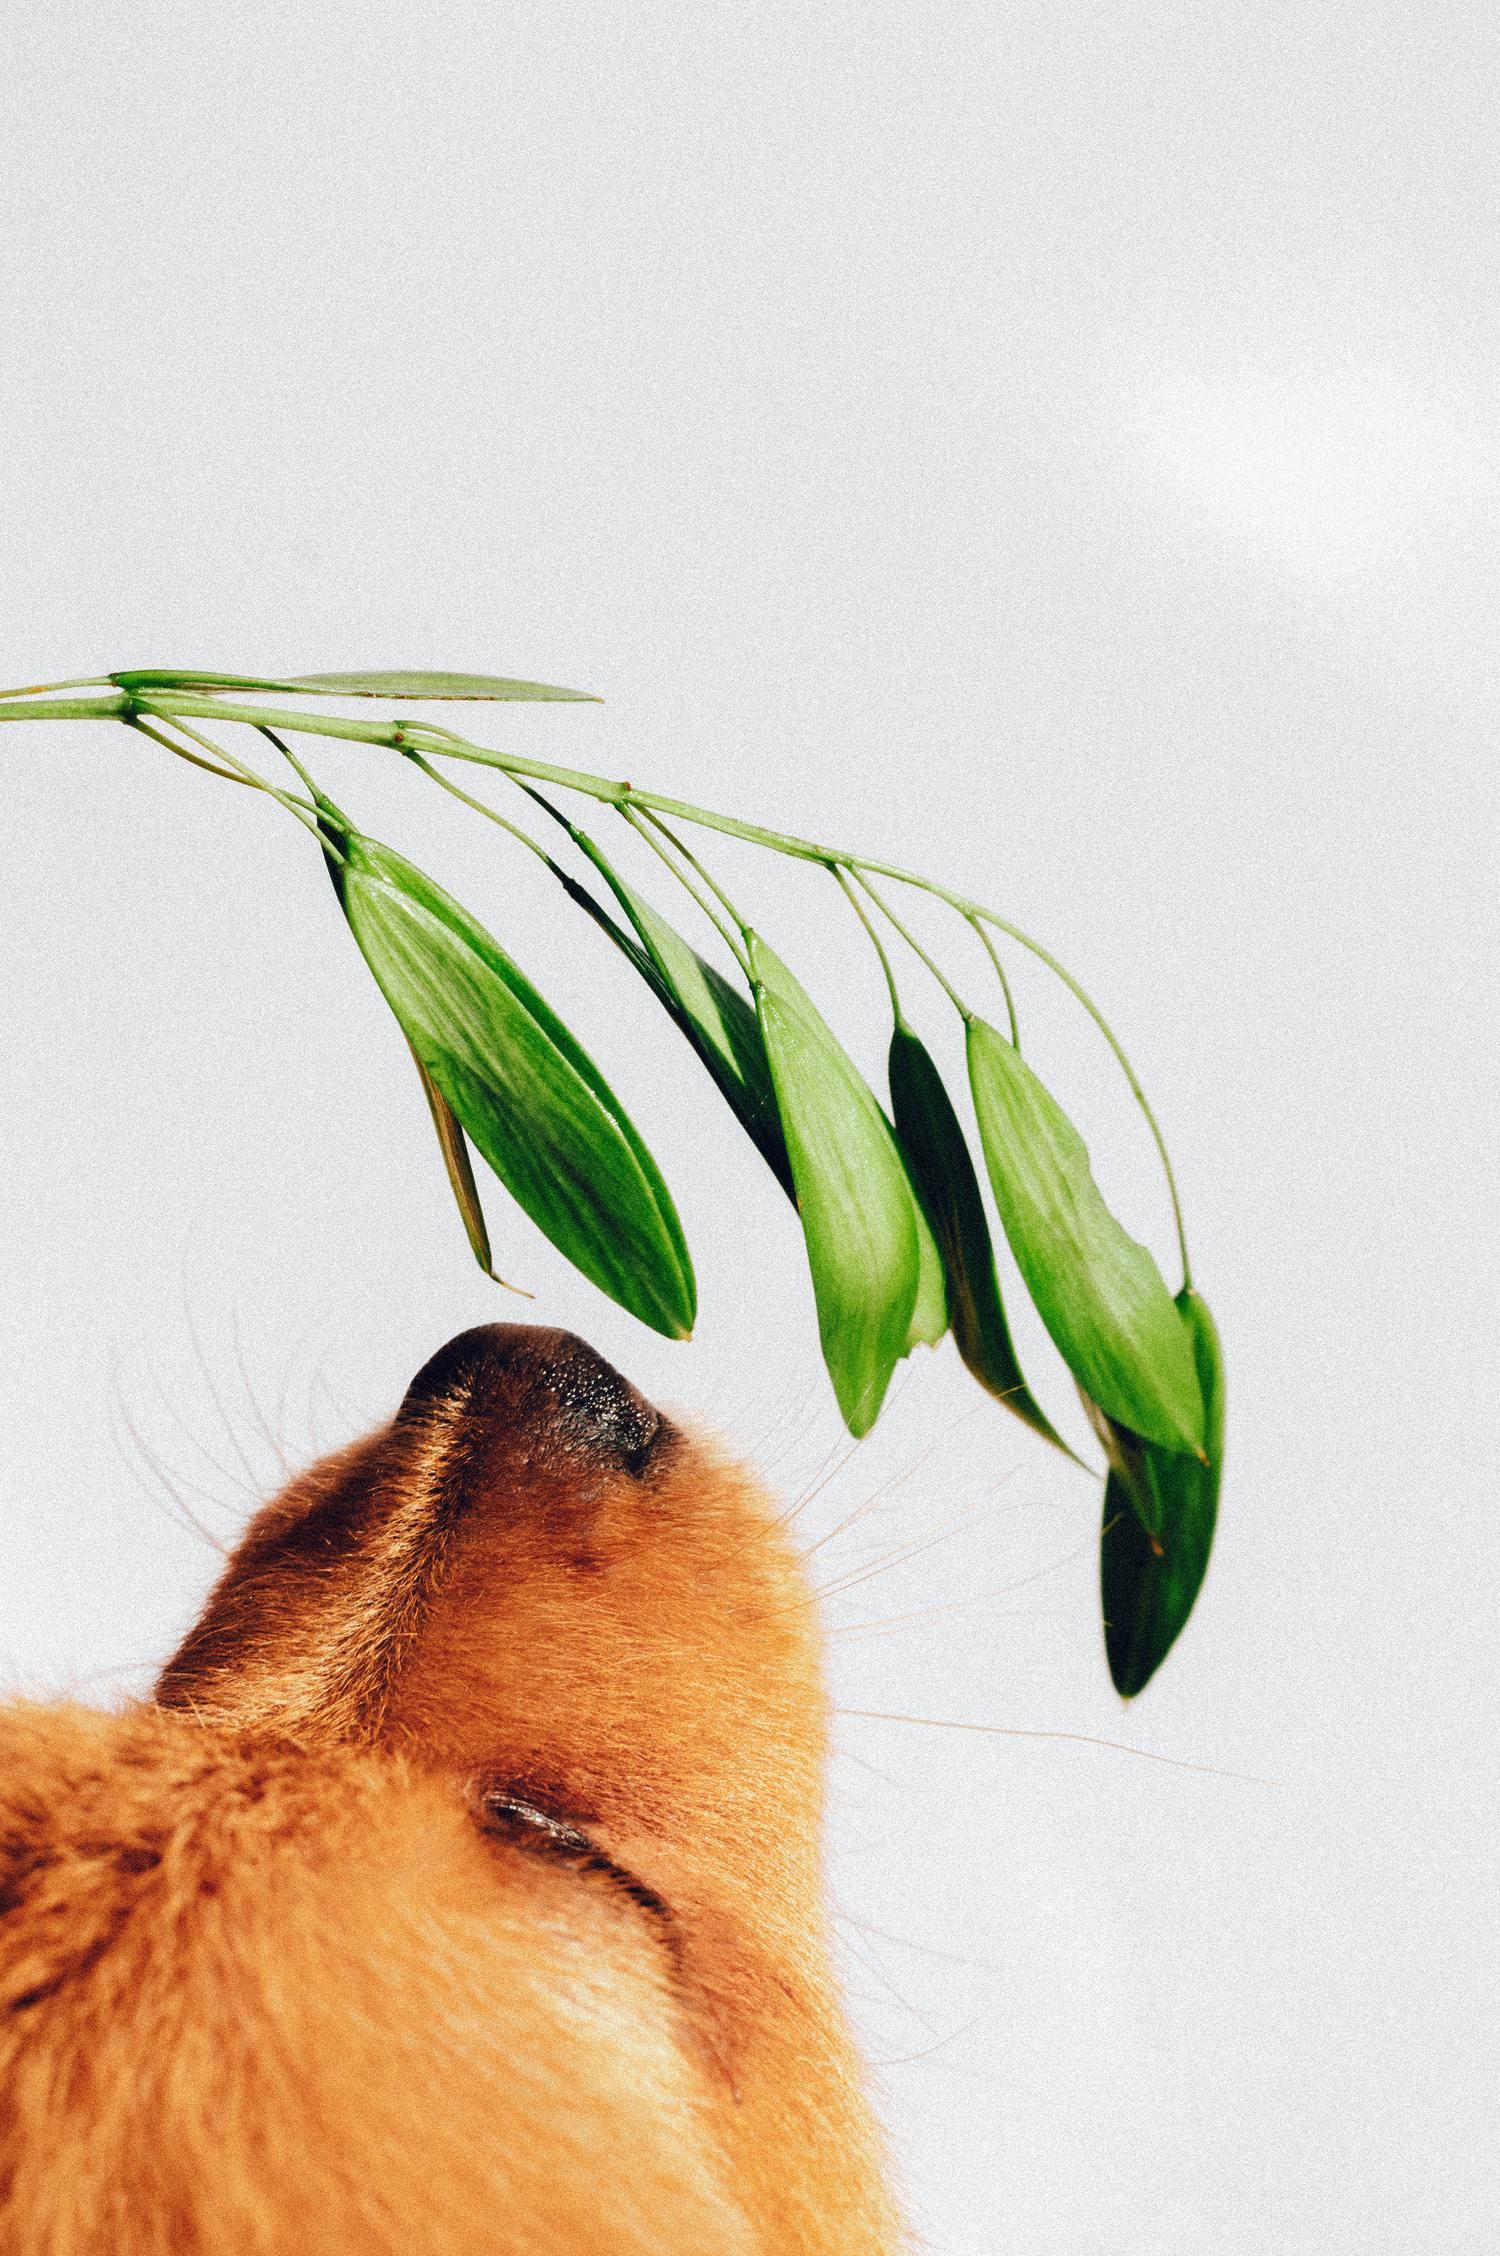 hocico de perro oliendo planta